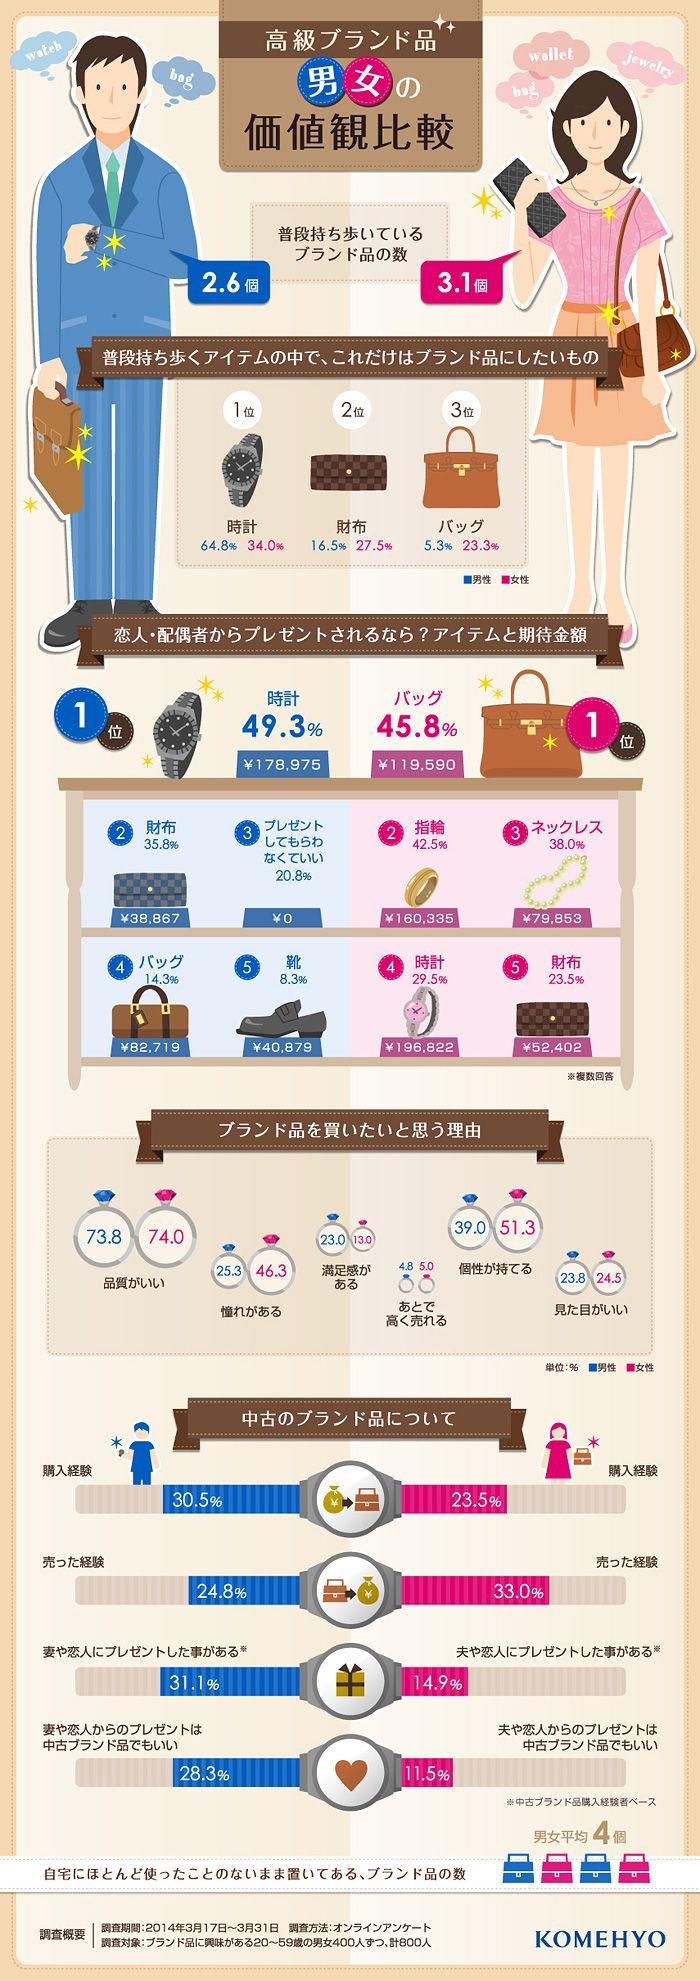 高級ブランド品 男女の価値観比較